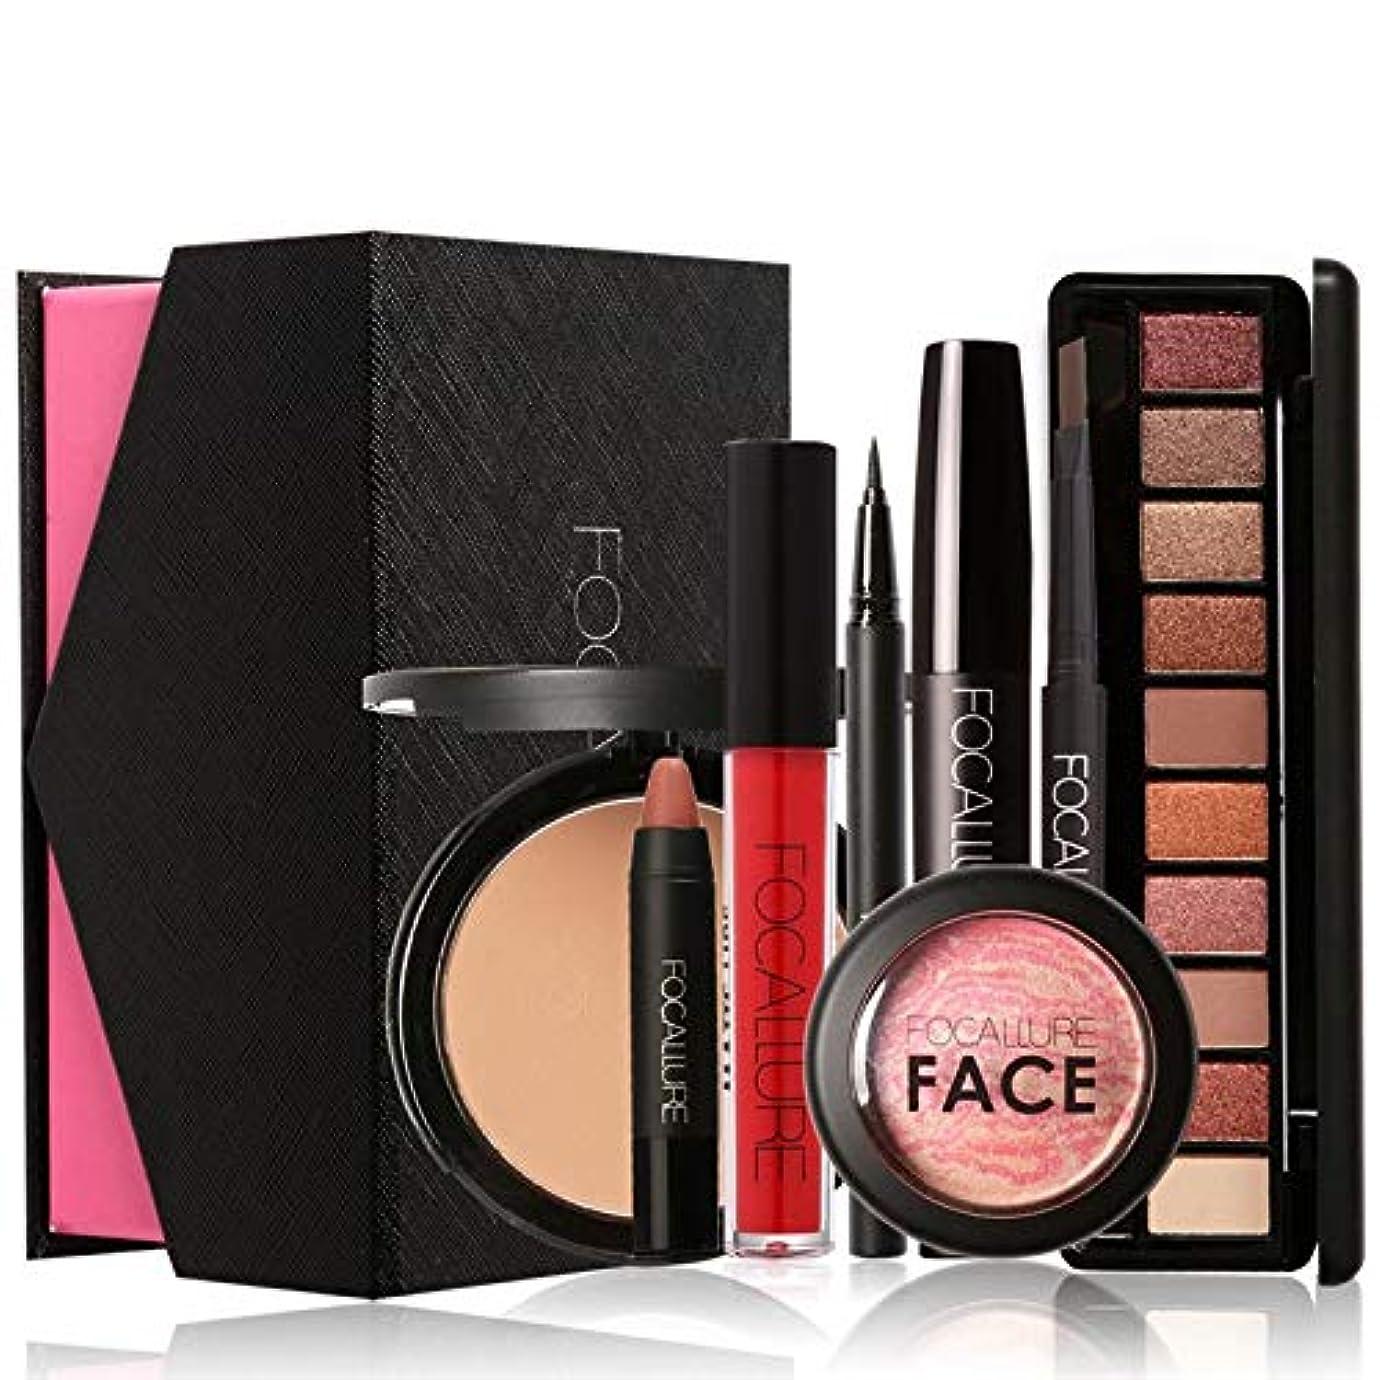 温帯抑圧者イースター8Pcs Daily Use Cosmetics Makeup Sets Make Up Cosmetics Gift Makeup Set for women 毎日の使用8個の化粧品メイクアップセットメイクアップ化粧品ギフトメイクアップセット